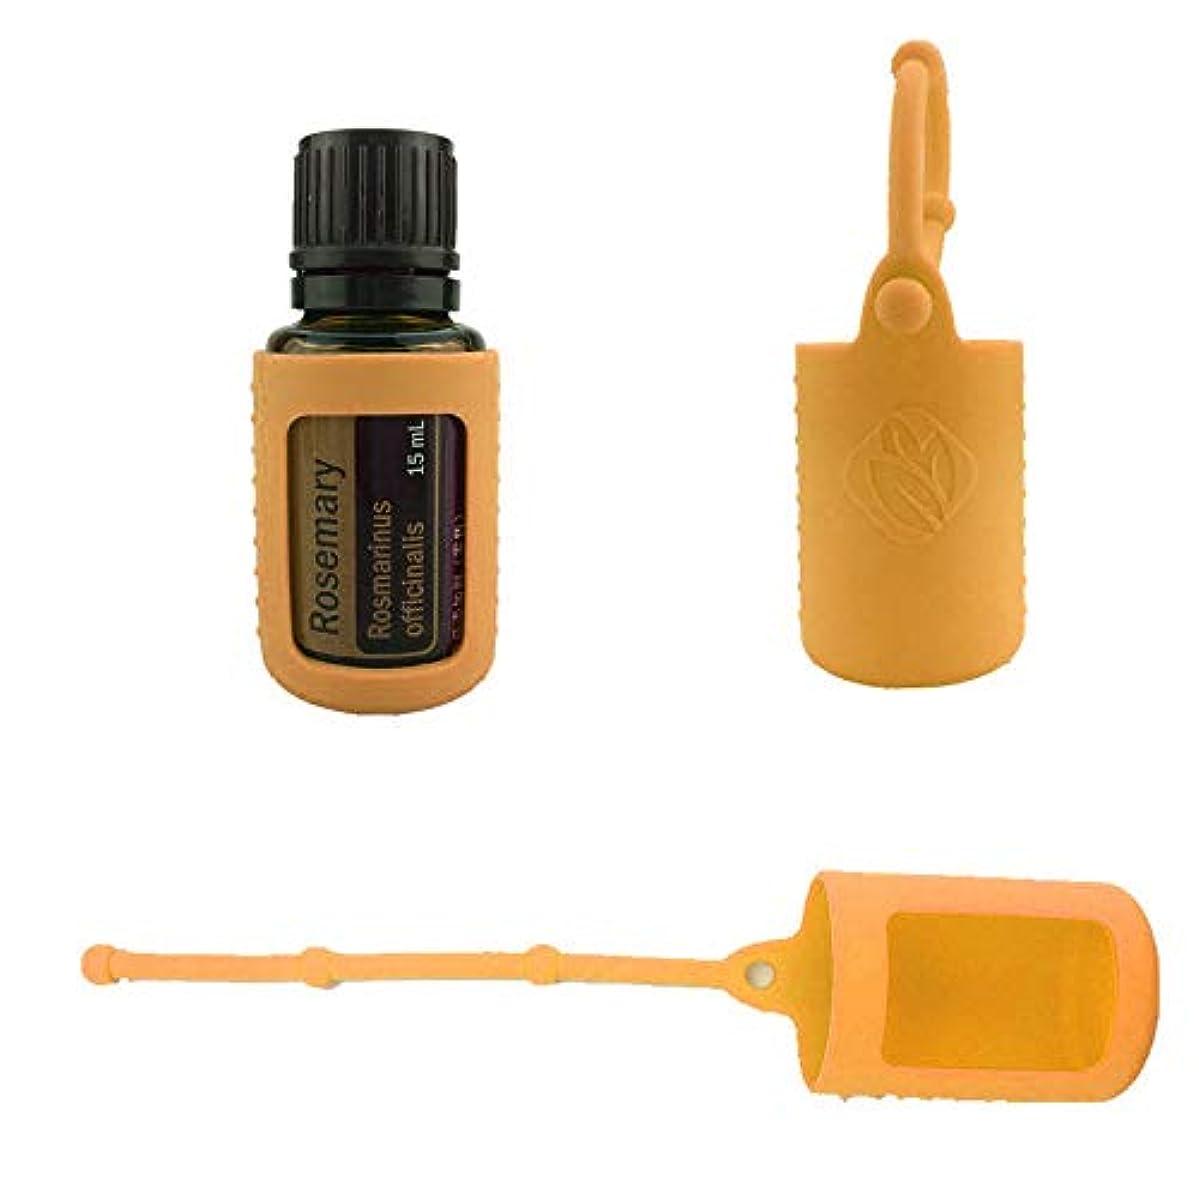 安価なありがたい公平6パック熱望オイルボトルシリコンローラーボトルホルダースリーブエッセンシャルオイルボトル保護カバーケースハングロープ - オレンジ - 6-pcs 5ml